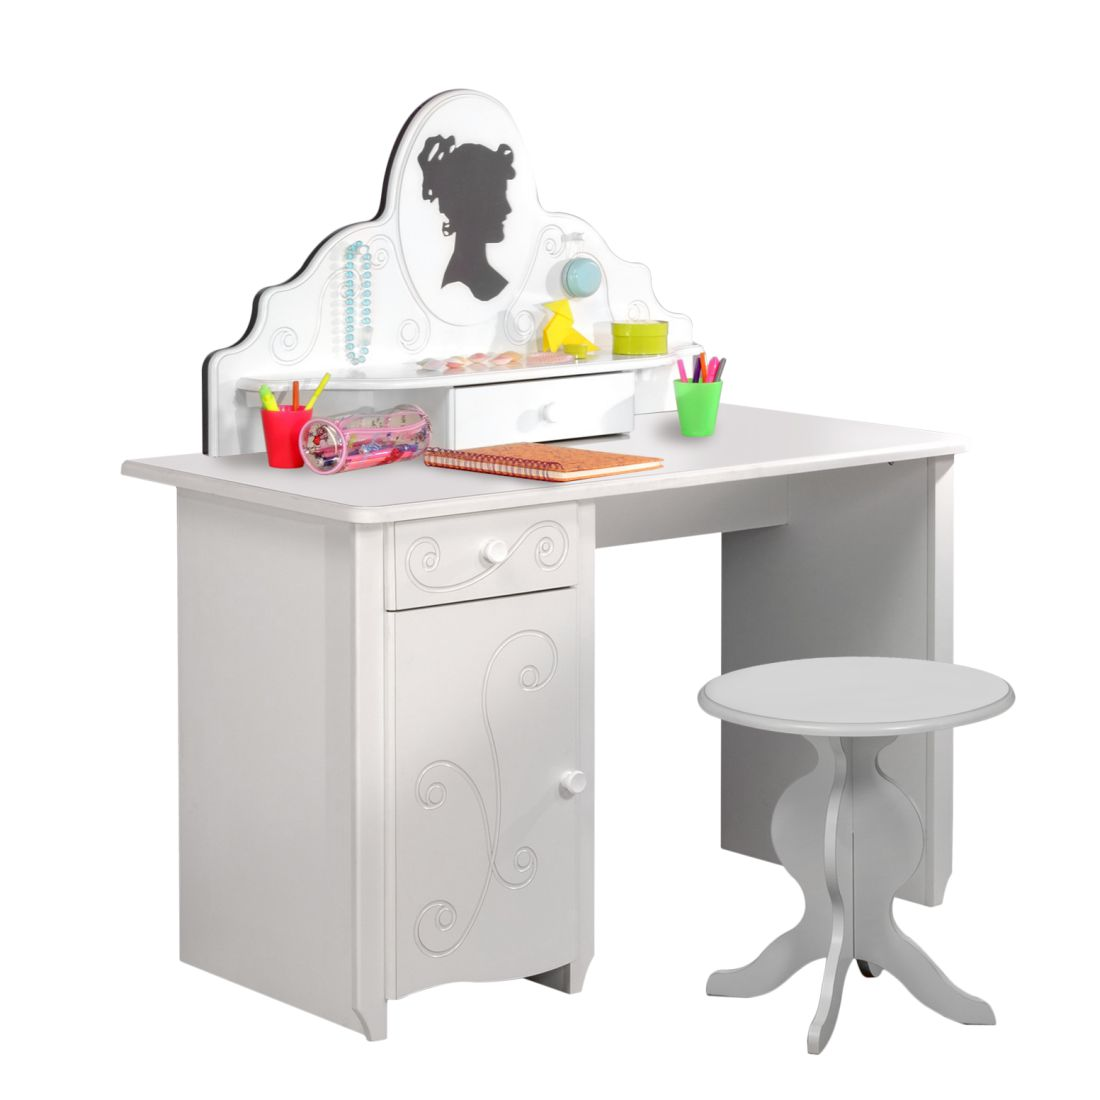 Schreibtischset Alice (3-teilig) – Weiß lackiert – Schreibtisch, Schreibtischaufsatz und Hocker, Parisot Meubles günstig online kaufen